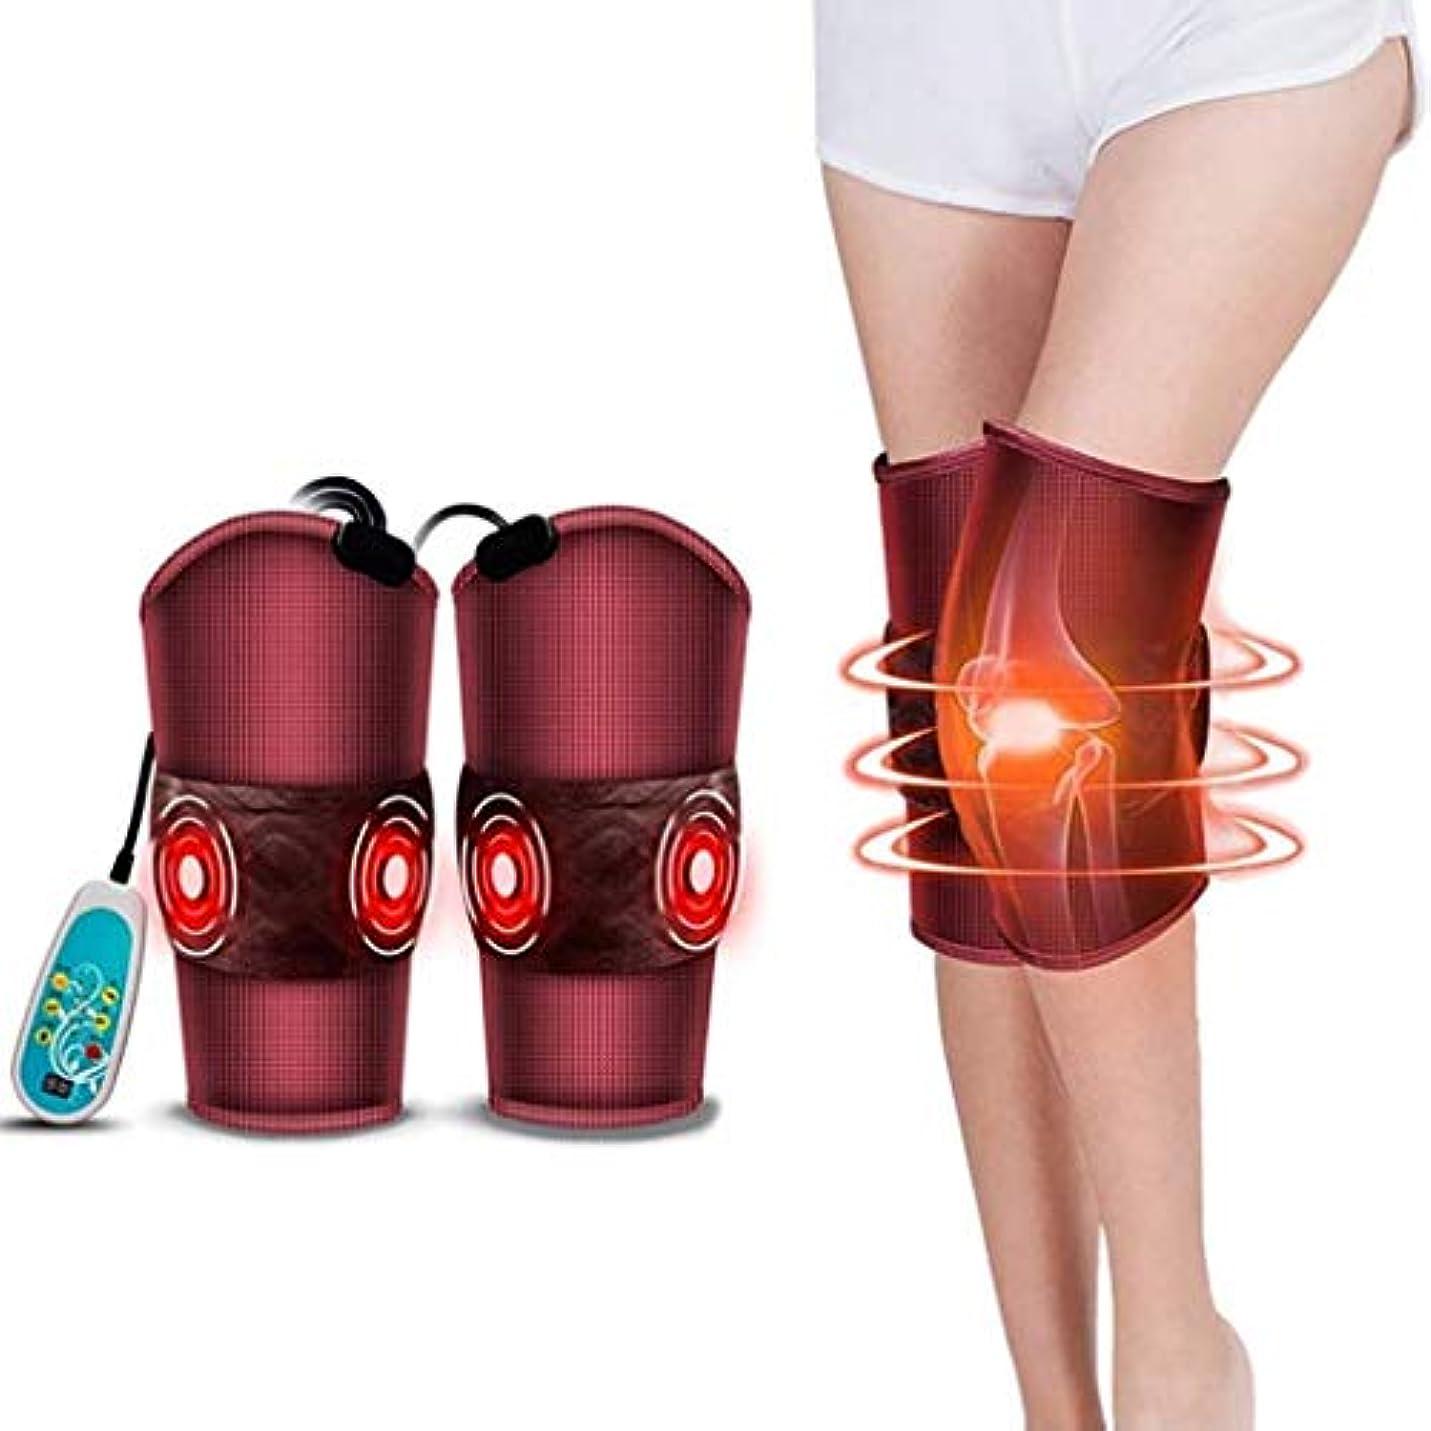 債務森エキス電気マッサージ器、膝温/膝振動加熱マッサージ器、ウエスト/脚/膝の痛みを和らげる